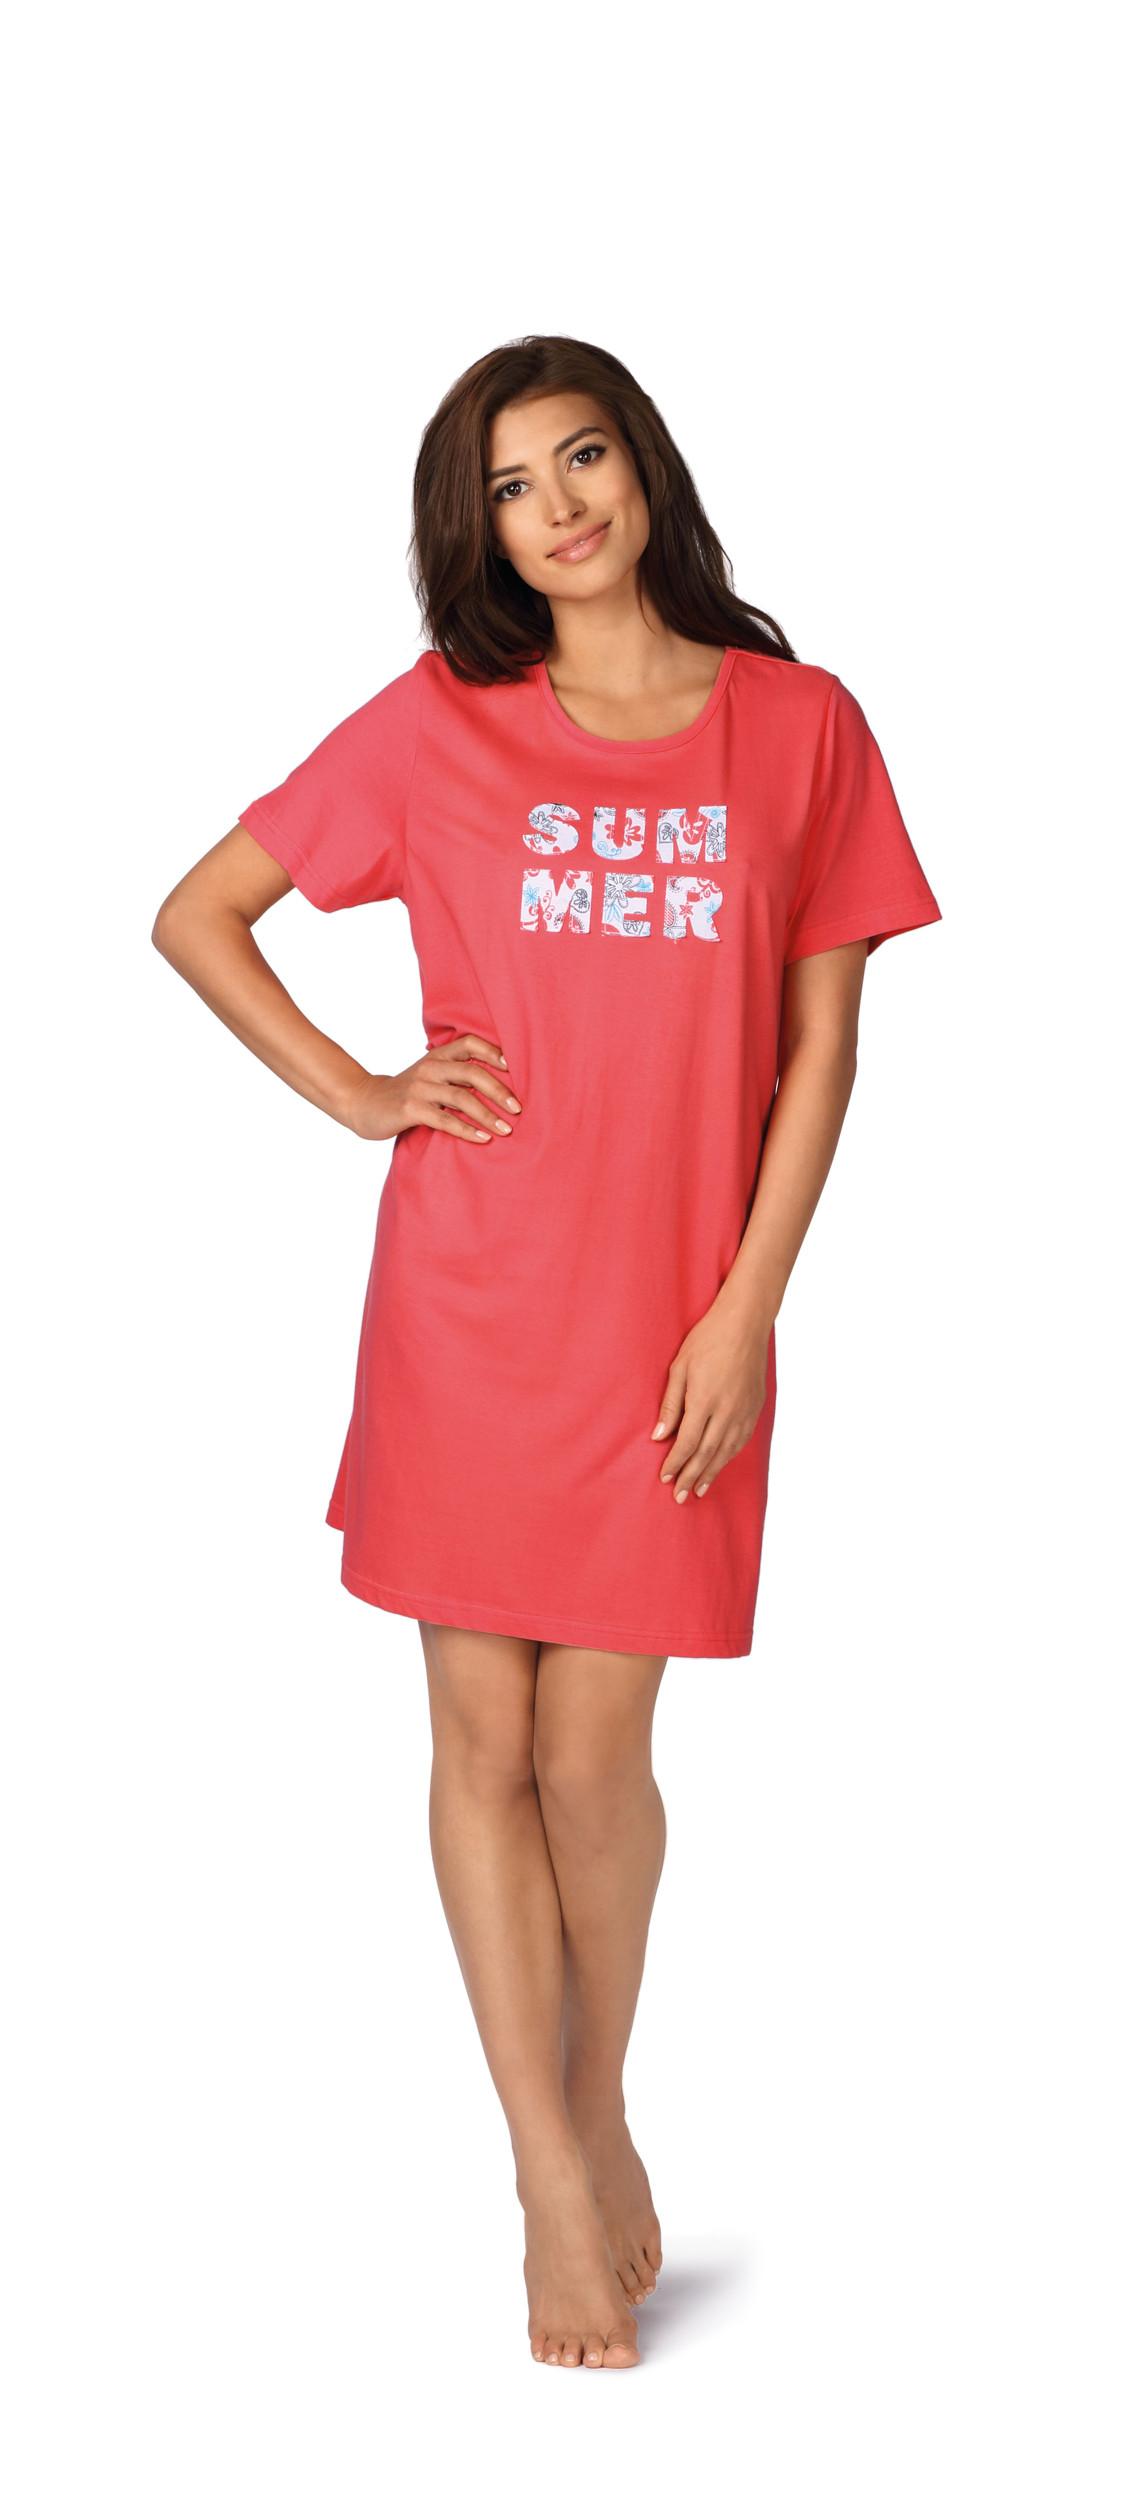 finest selection 024a7 c3a07 Comtessa Damen Nachthemd kurzer Arm koralle 36 38 40 42 44 ...